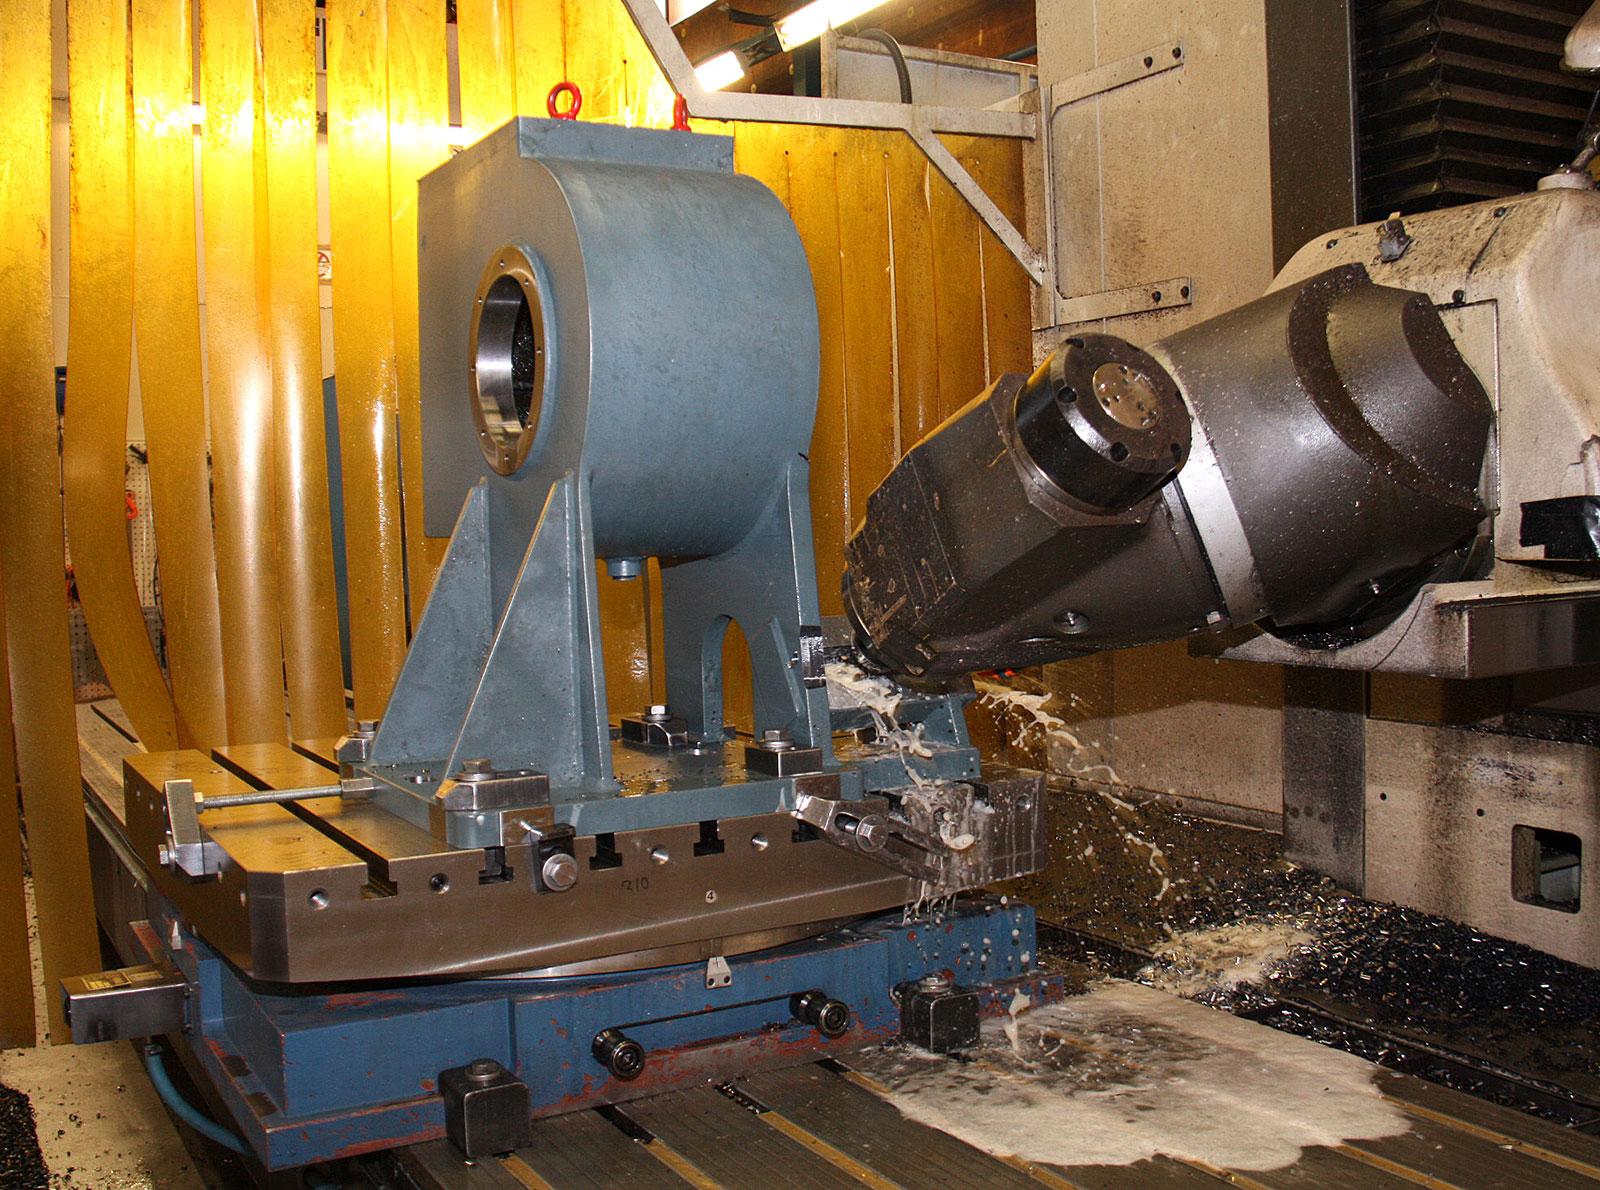 Alvarin-Metalli-alihankinta-konepaja-metalliteollisuus-kappaleen-tyosto-16